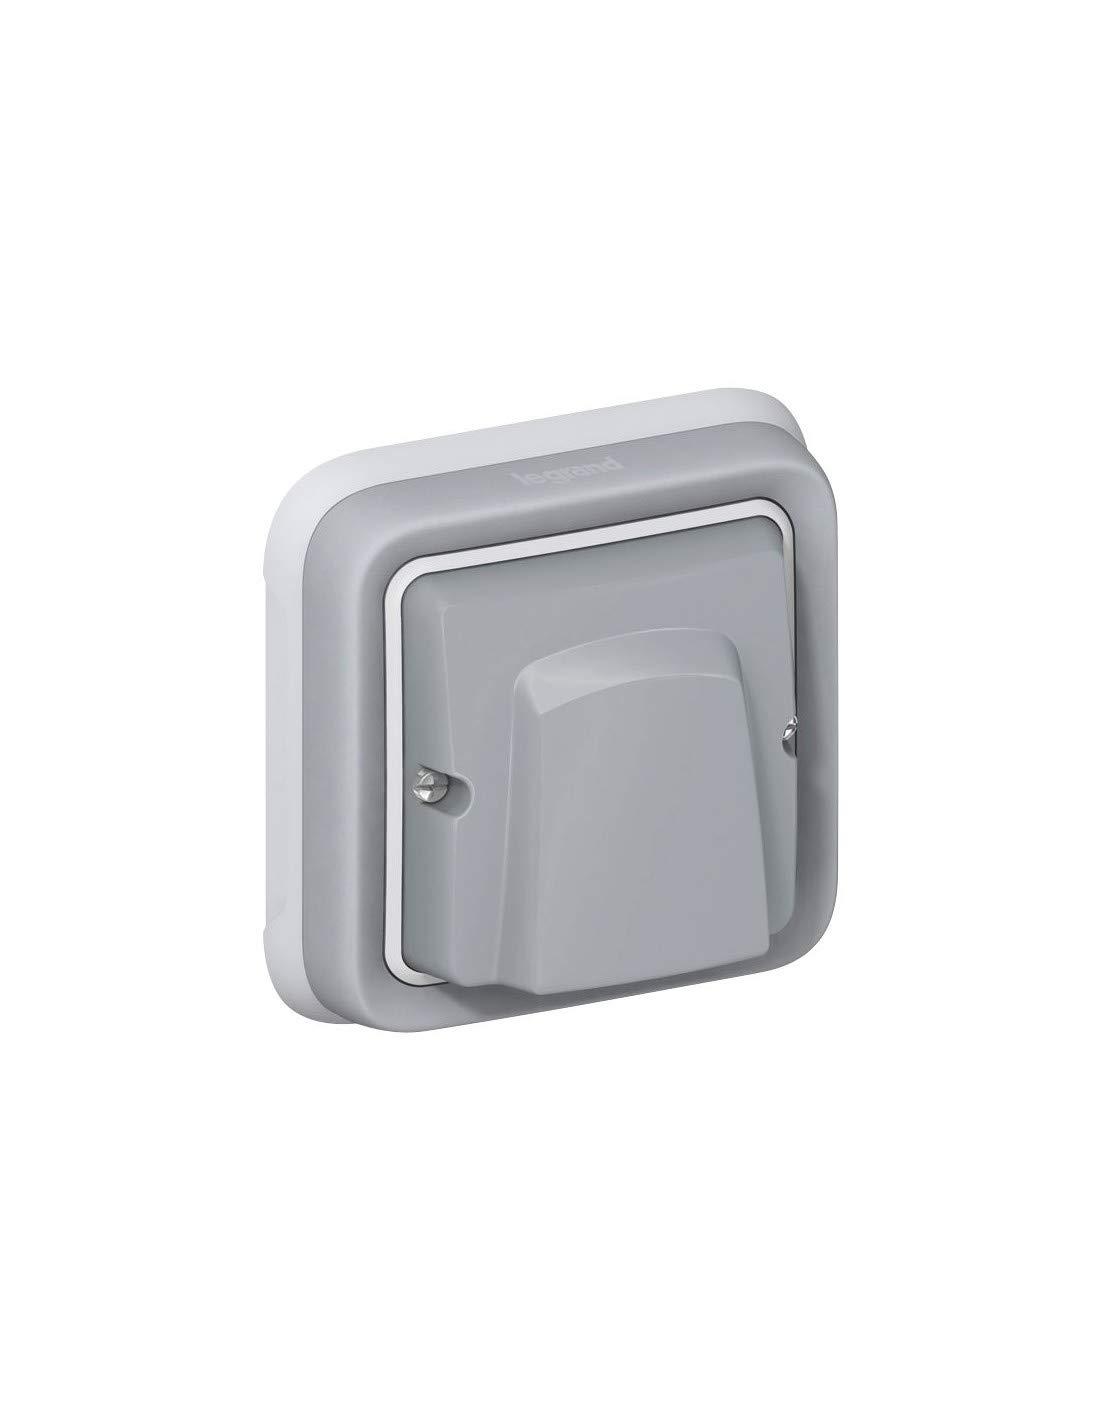 Legrand 6565140375 069580 adaptador mosaic ip55 gris plexo ii comp Ref